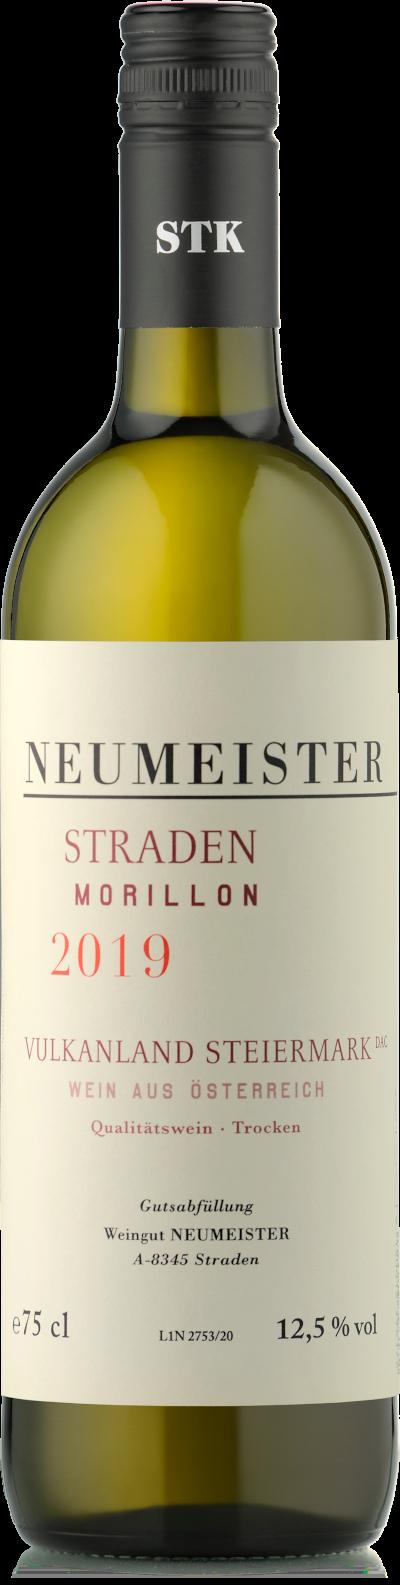 Neumeister - Morillon Straden bio